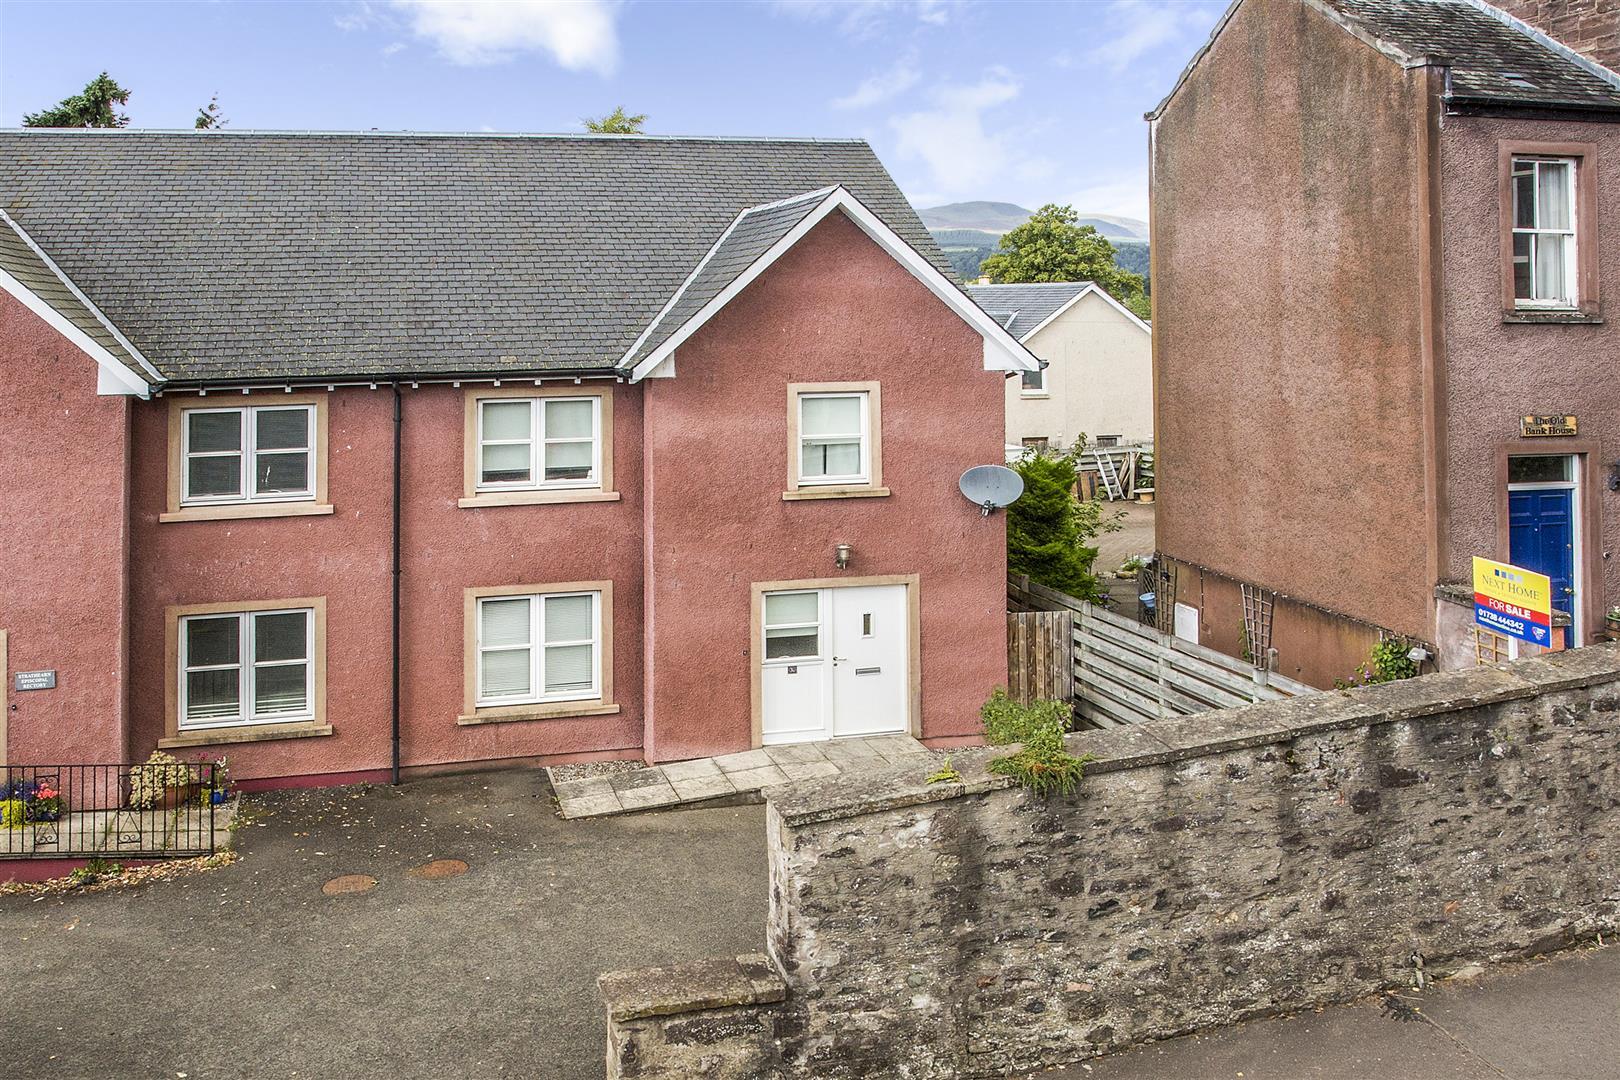 3A, Galvelmore Street, Crieff, Perthshire, PH7 4DN, UK